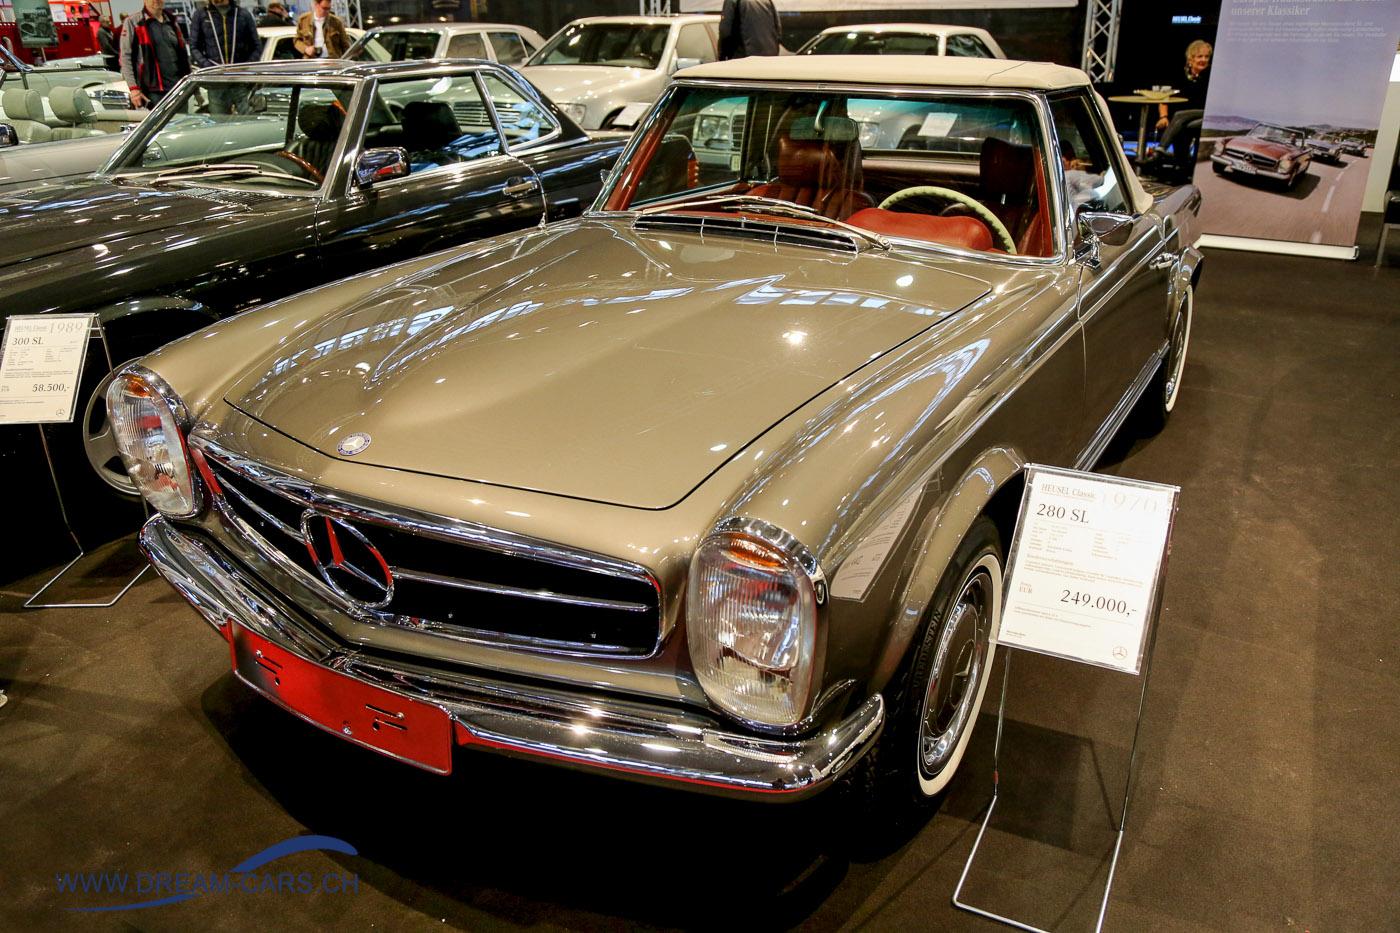 RETRO CLASSICS Stuttgart 2017. EUR 249'000.00 für einen Mercedes 280 SL sind ein stolzer Preis